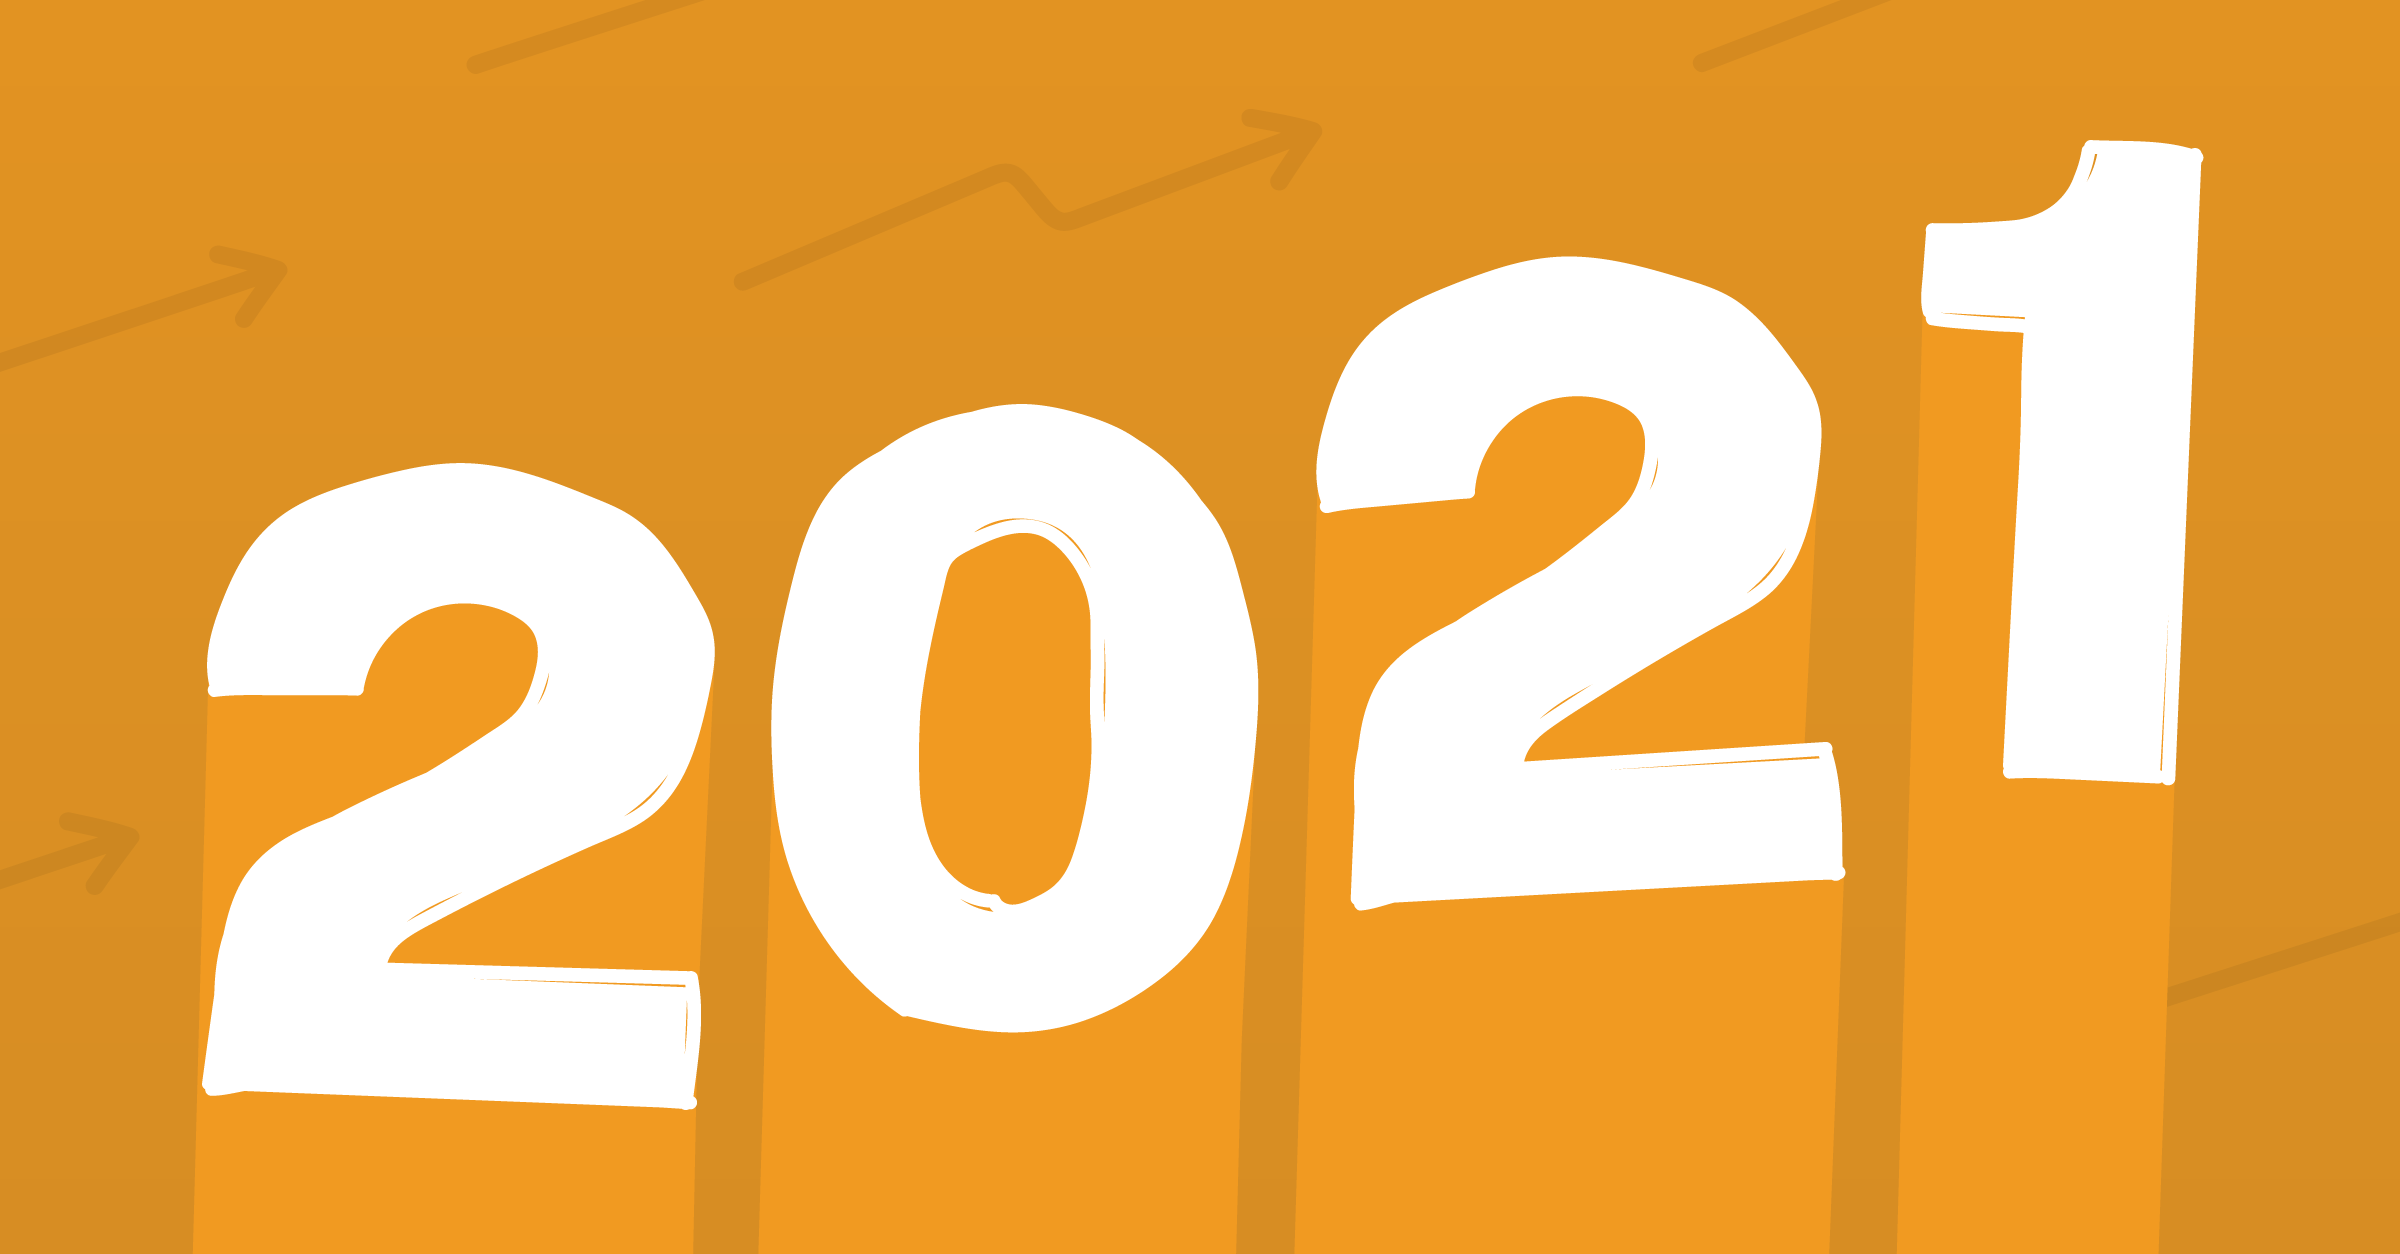 Online Learning & Development trends in 2021